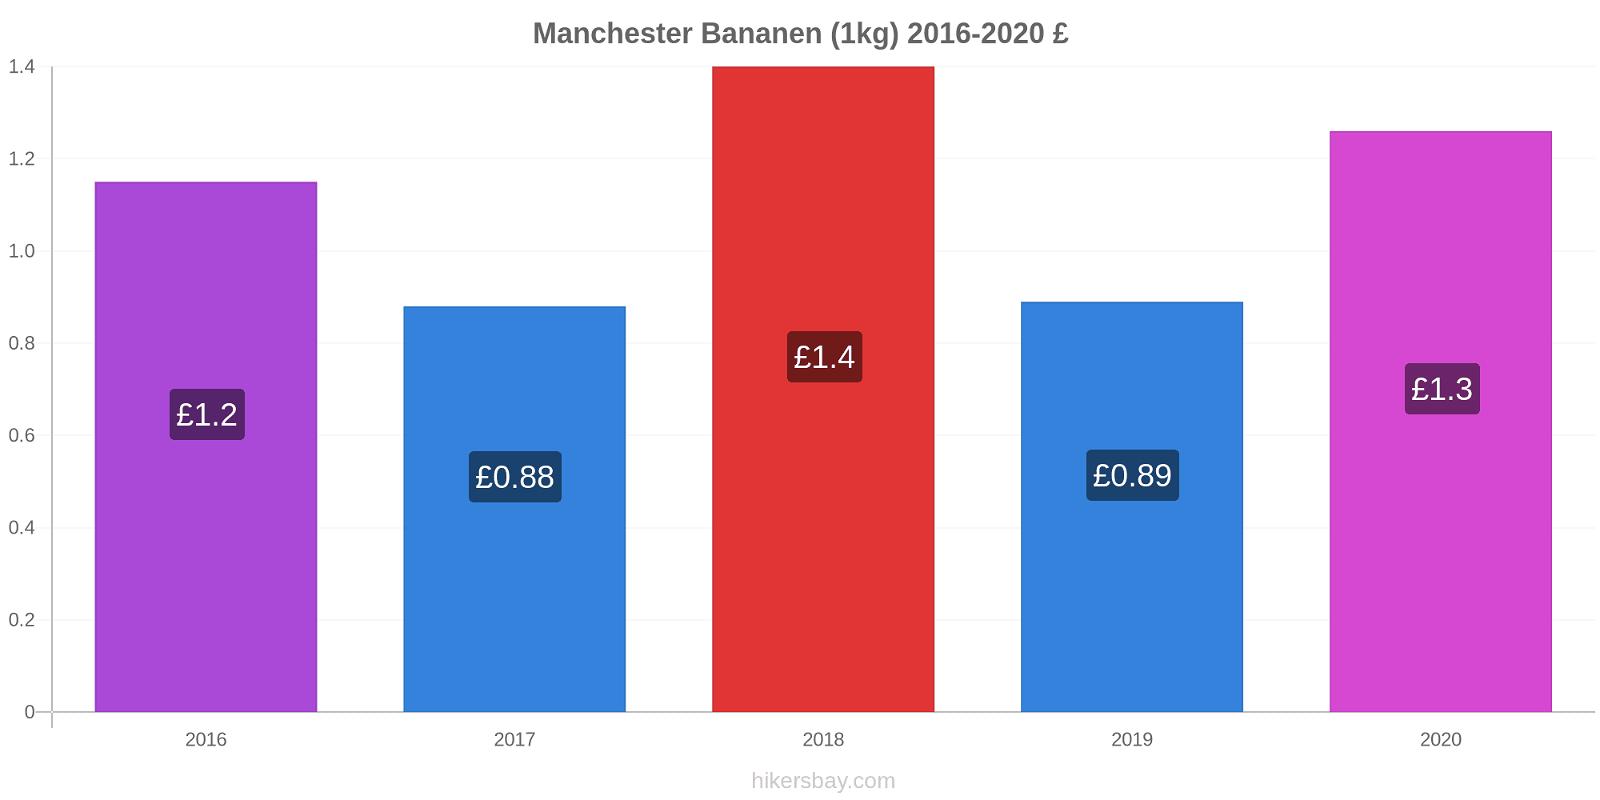 Manchester prijswijzigingen Banaan (1kg) hikersbay.com